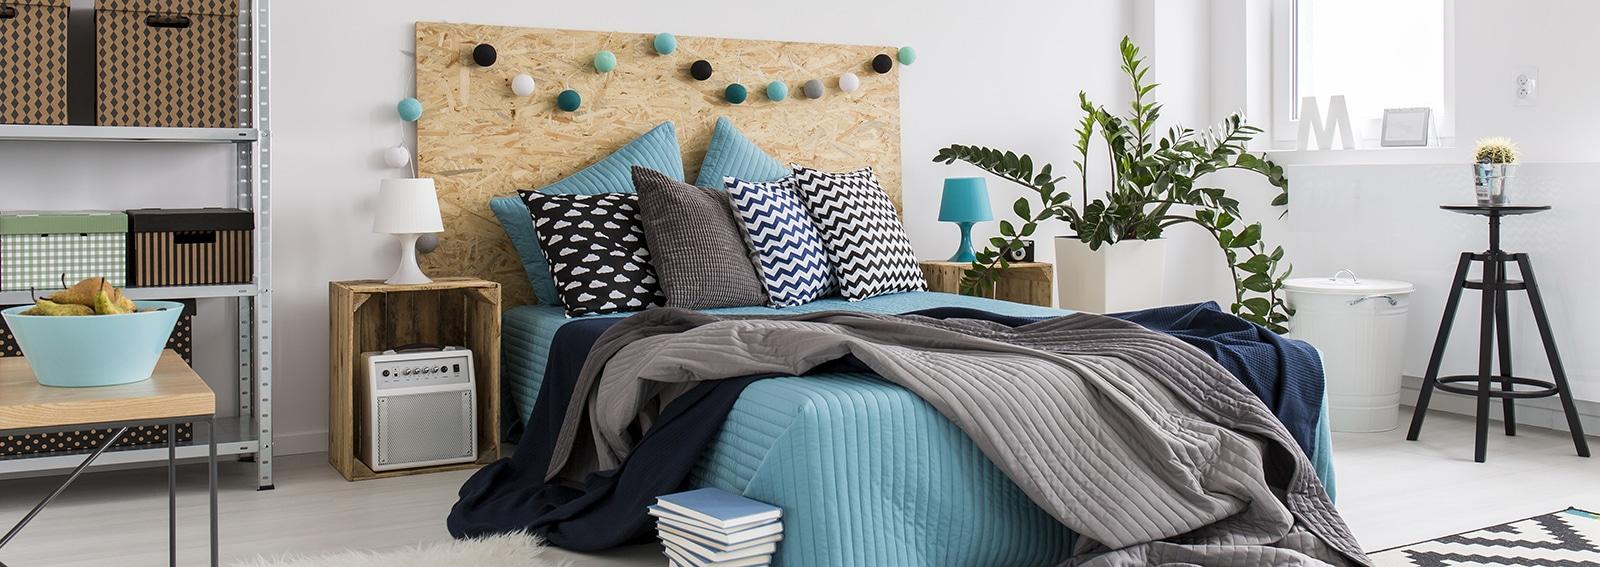 Parete Dietro Letto Idee 10 idee originali per rinnovare la parete dietro al letto